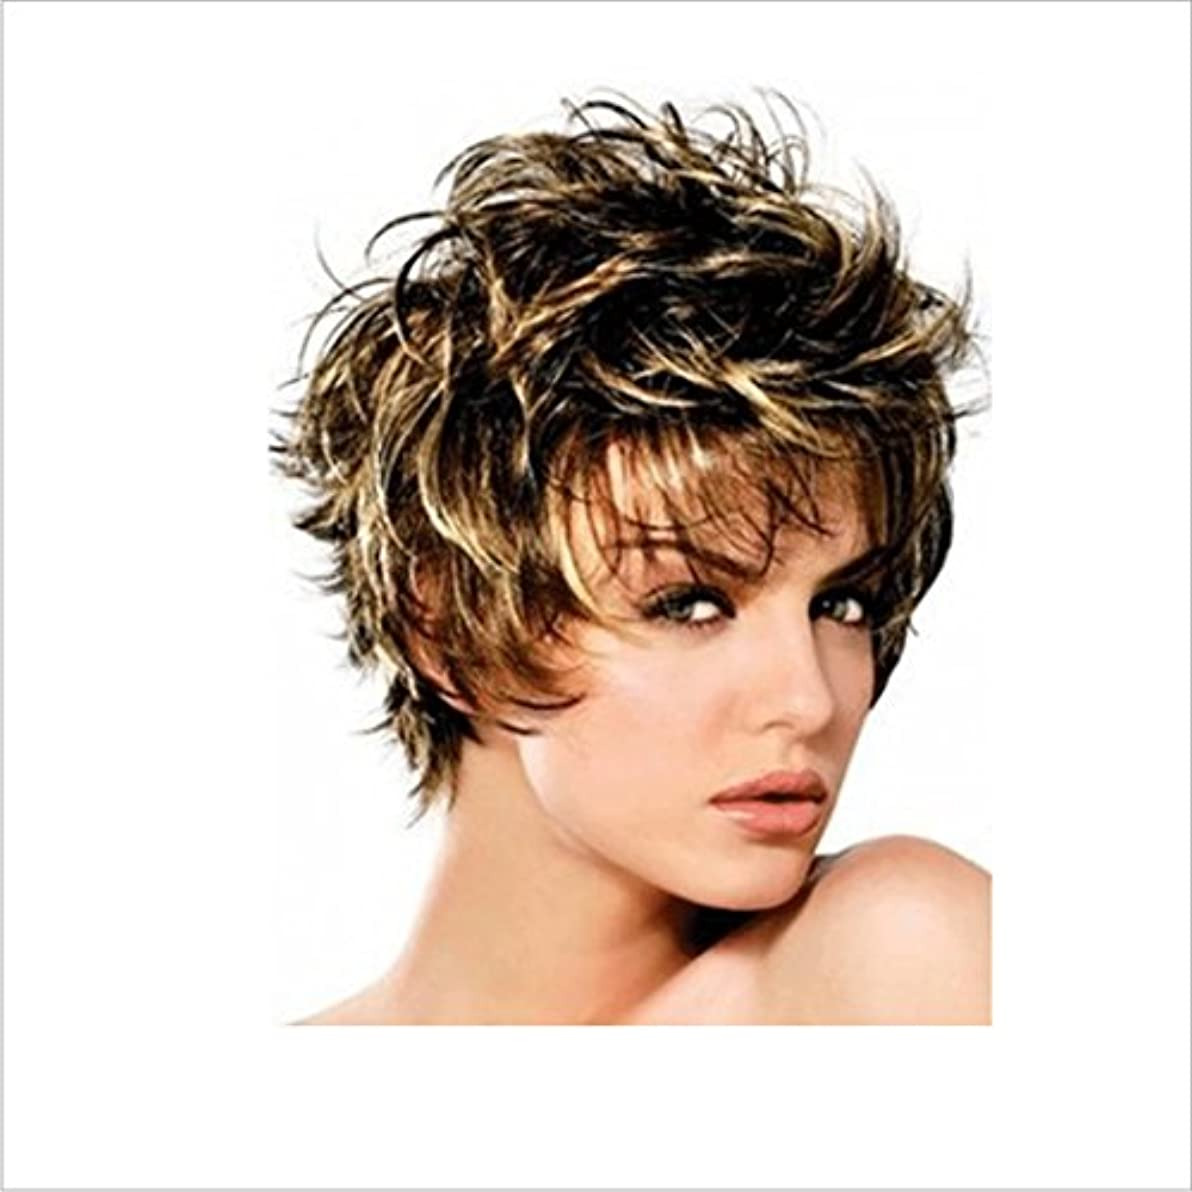 旋回合理的広いかつら ボボかつら女性用耐熱ウィッグ12インチ/ 9インチ短いテクスチャ部分的なかつら部分的なかつら前髪かつらファッションかつら (色 : Inter-color gold brown silver)